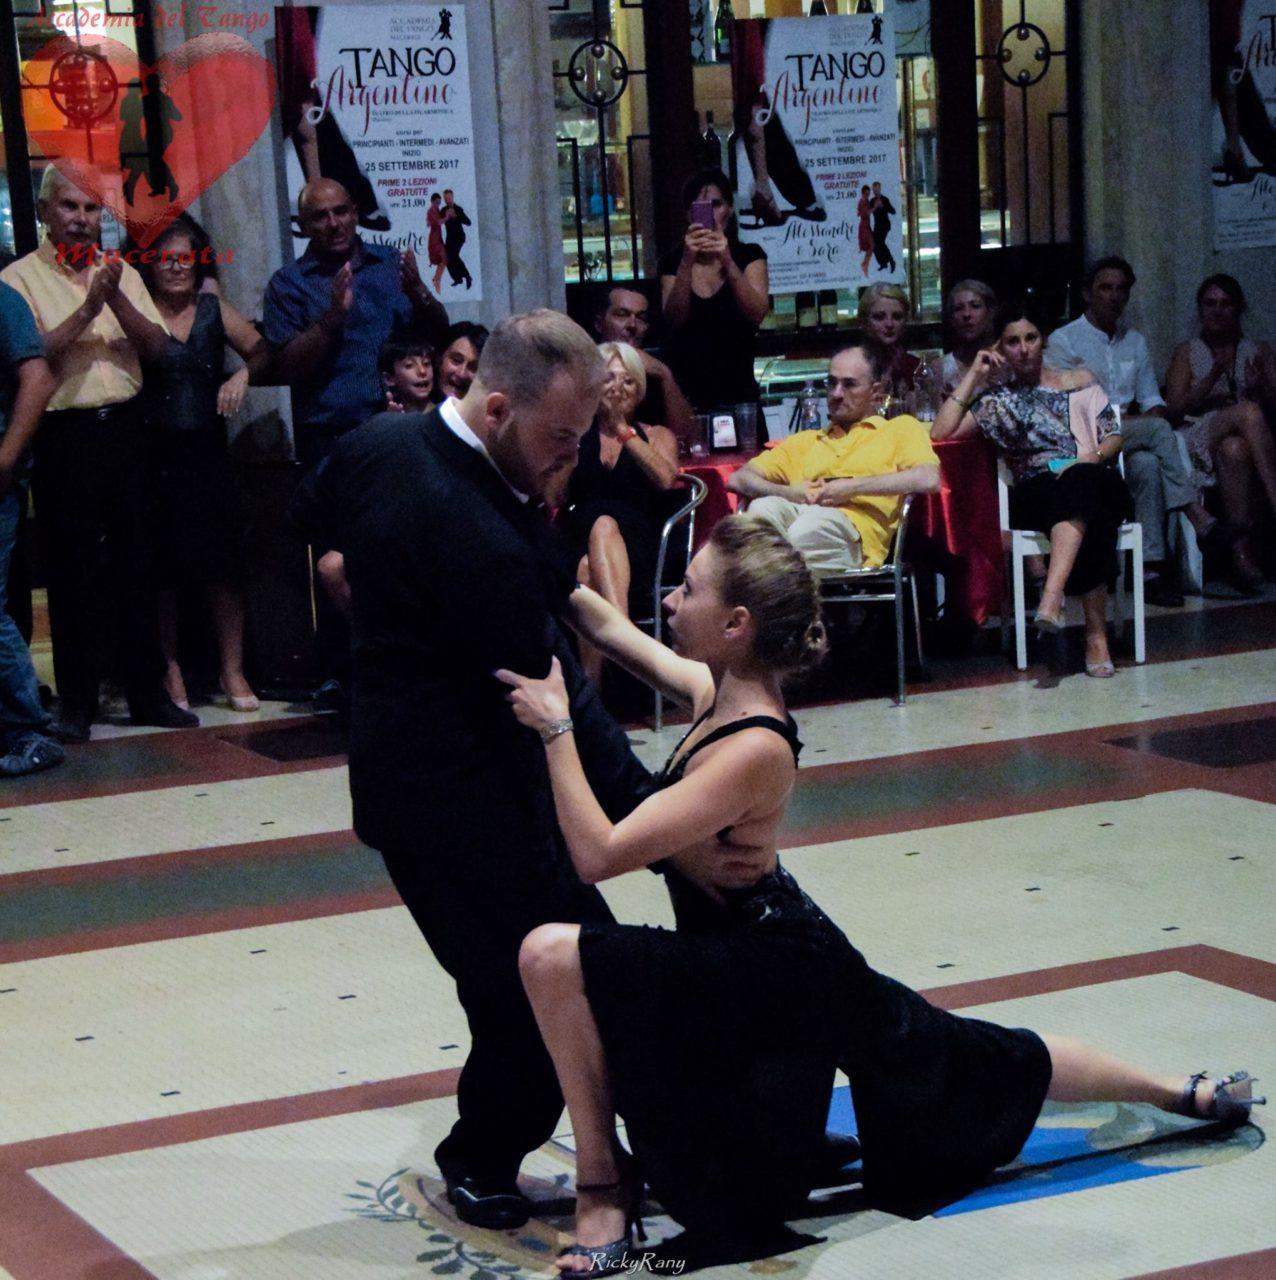 Tango in Galleria Macerata 2017